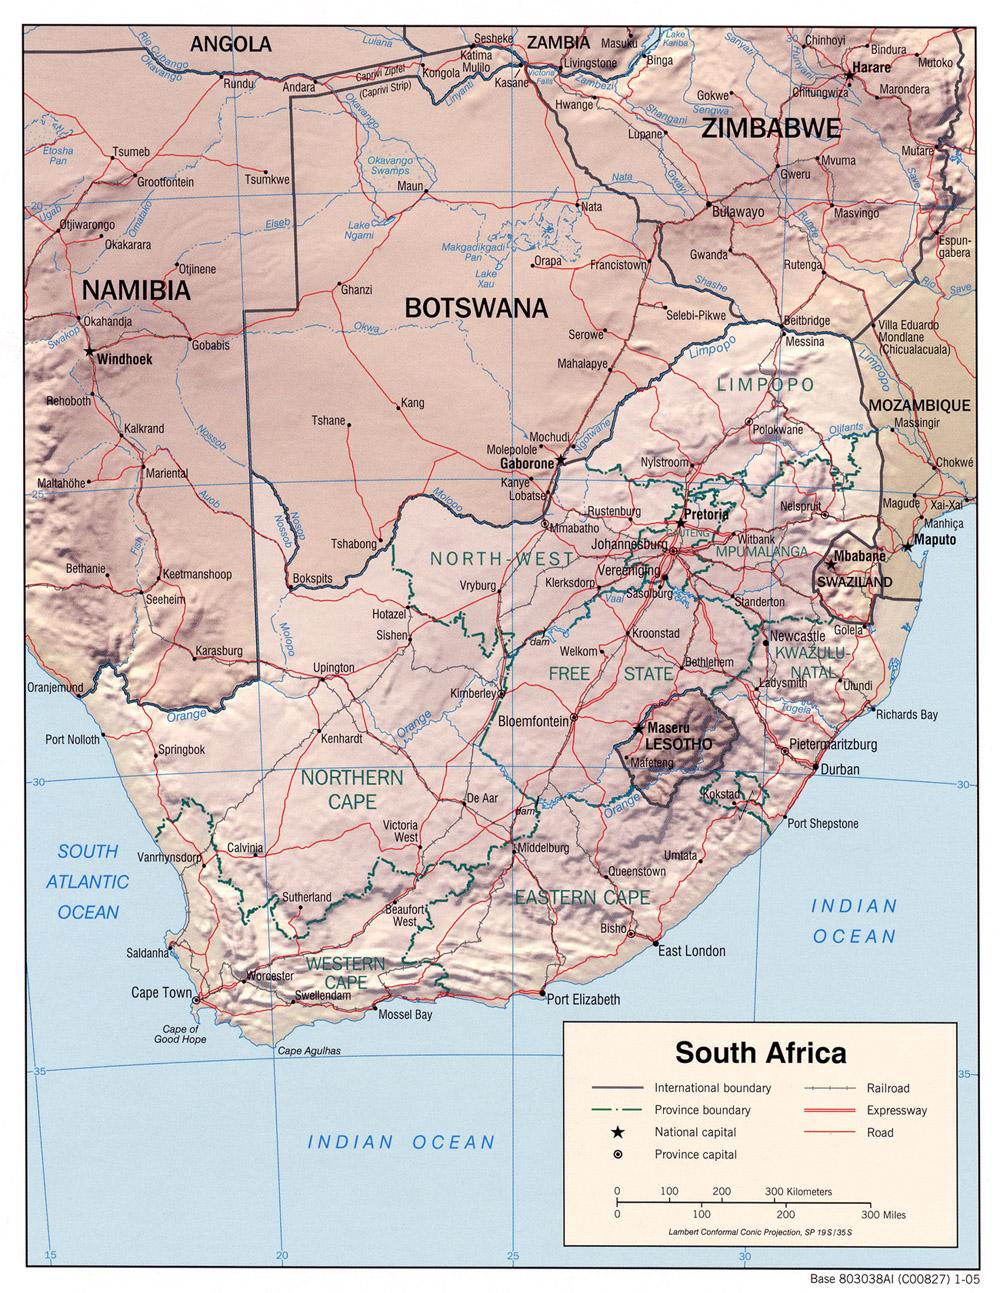 Carte géopolitique de la Afrique du Sud